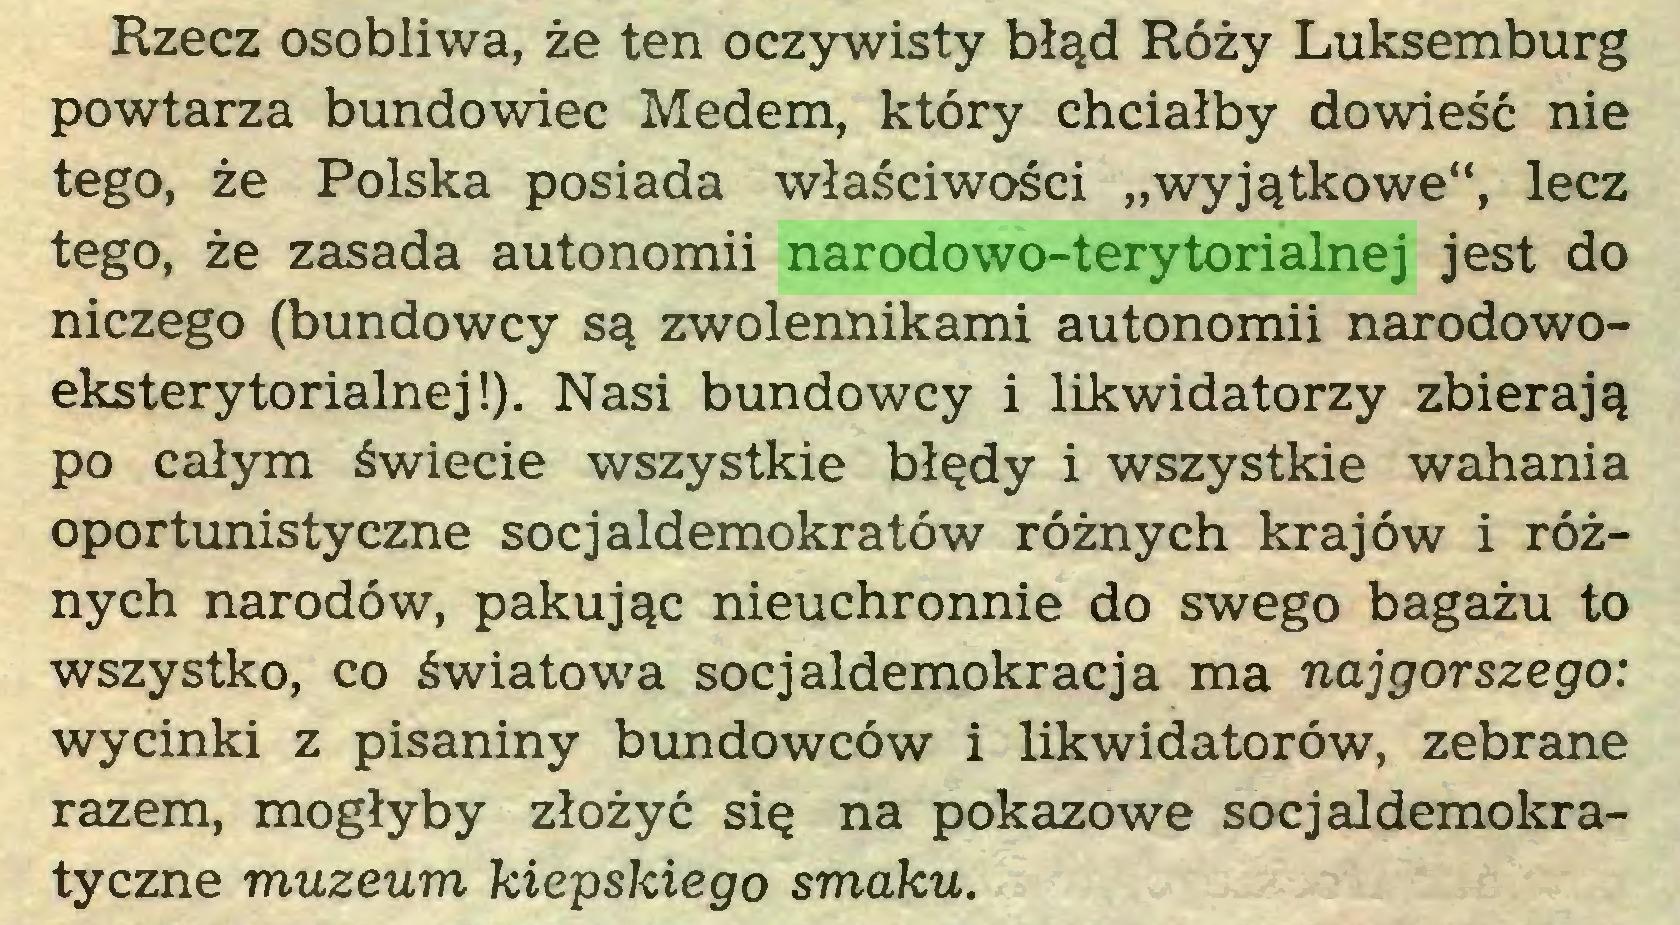 """(...) Rzecz osobliwa, że ten oczywisty błąd Róży Luksemburg powtarza bundowiec Medem, który chciałby dowieść nie tego, że Polska posiada właściwości """"wyjątkowe"""", lecz tego, że zasada autonomii narodowo-terytorialnej jest do niczego (bundowcy są zwolennikami autonomii narodowoeksterytonalnej!). Nasi bundowcy i likwidatorzy zbierają po całym świecie wszystkie błędy i wszystkie wahania oportunistyczne socjaldemokratów różnych krajów i różnych narodów, pakując nieuchronnie do swego bagażu to wszystko, co światowa socjaldemokracja ma najgorszego: wycinki z pisaniny bundowców i likwidatorów, zebrane razem, mogłyby złożyć się na pokazowe socjaldemokratyczne muzeum kiepskiego smaku..."""